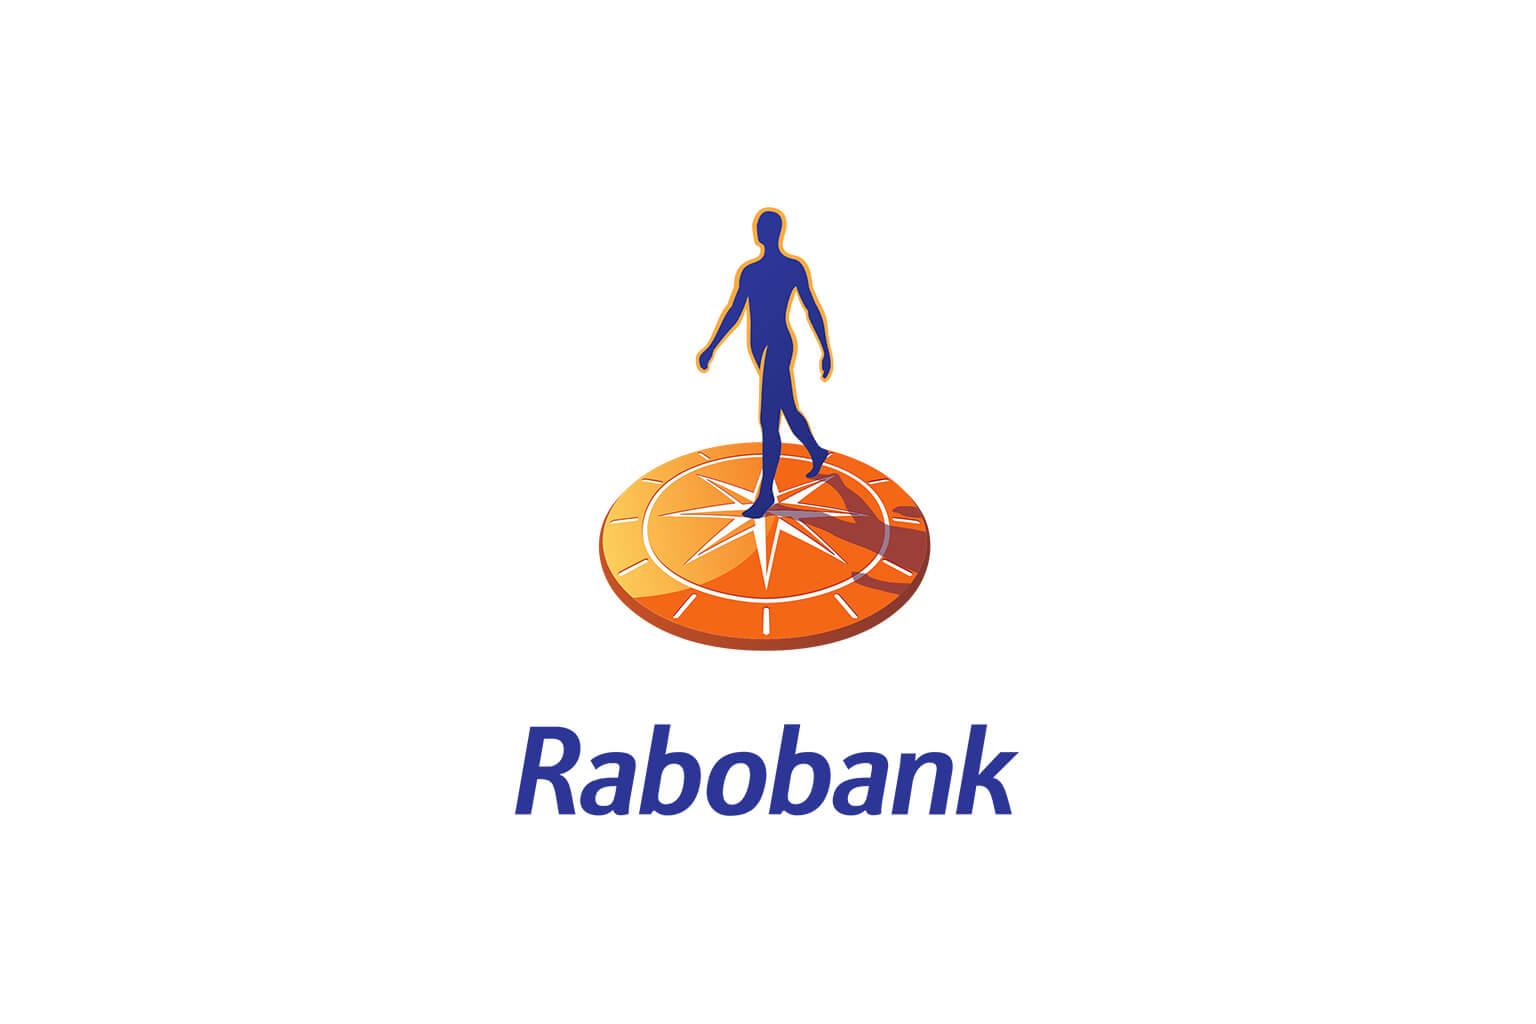 Rabobank logo image